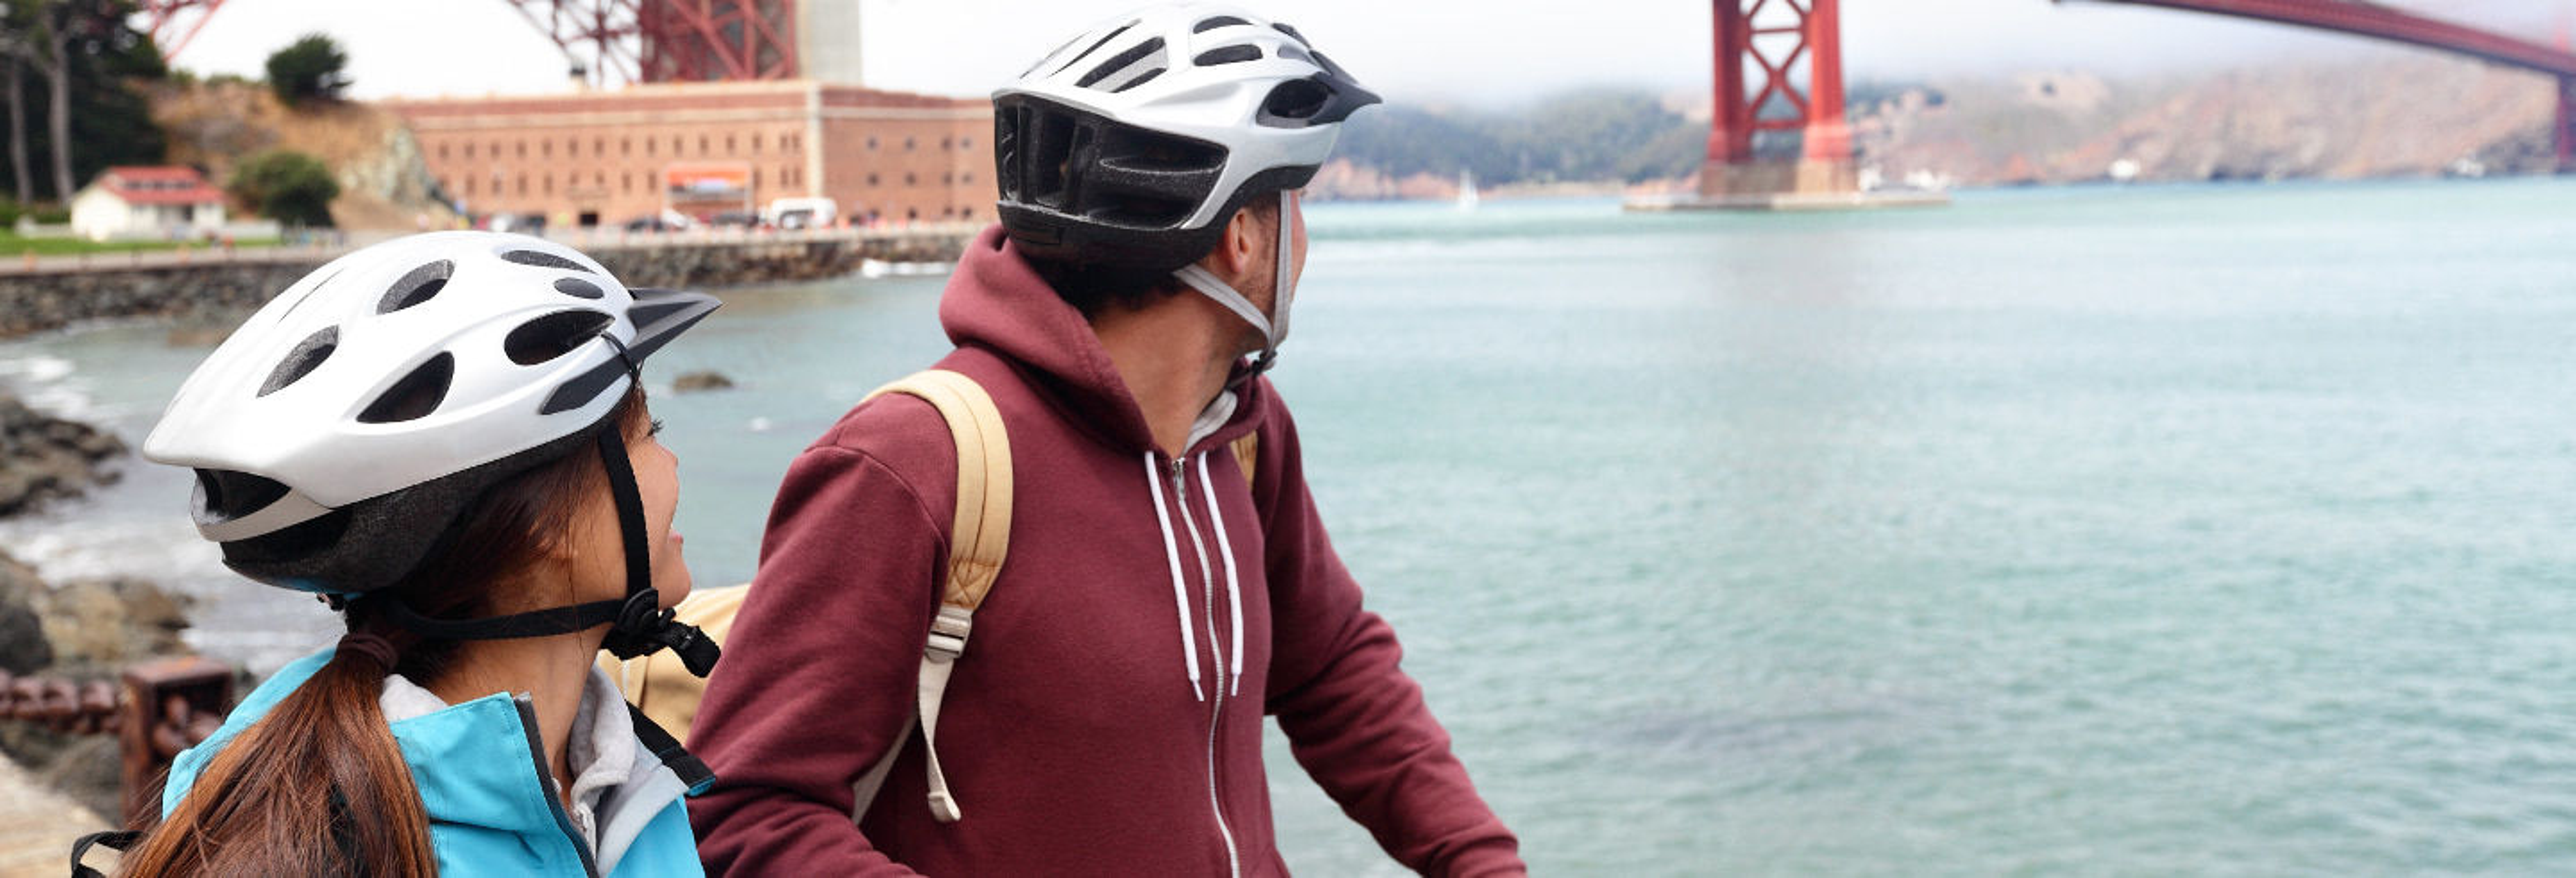 Balade à vélo à travers la baie de San Francisco